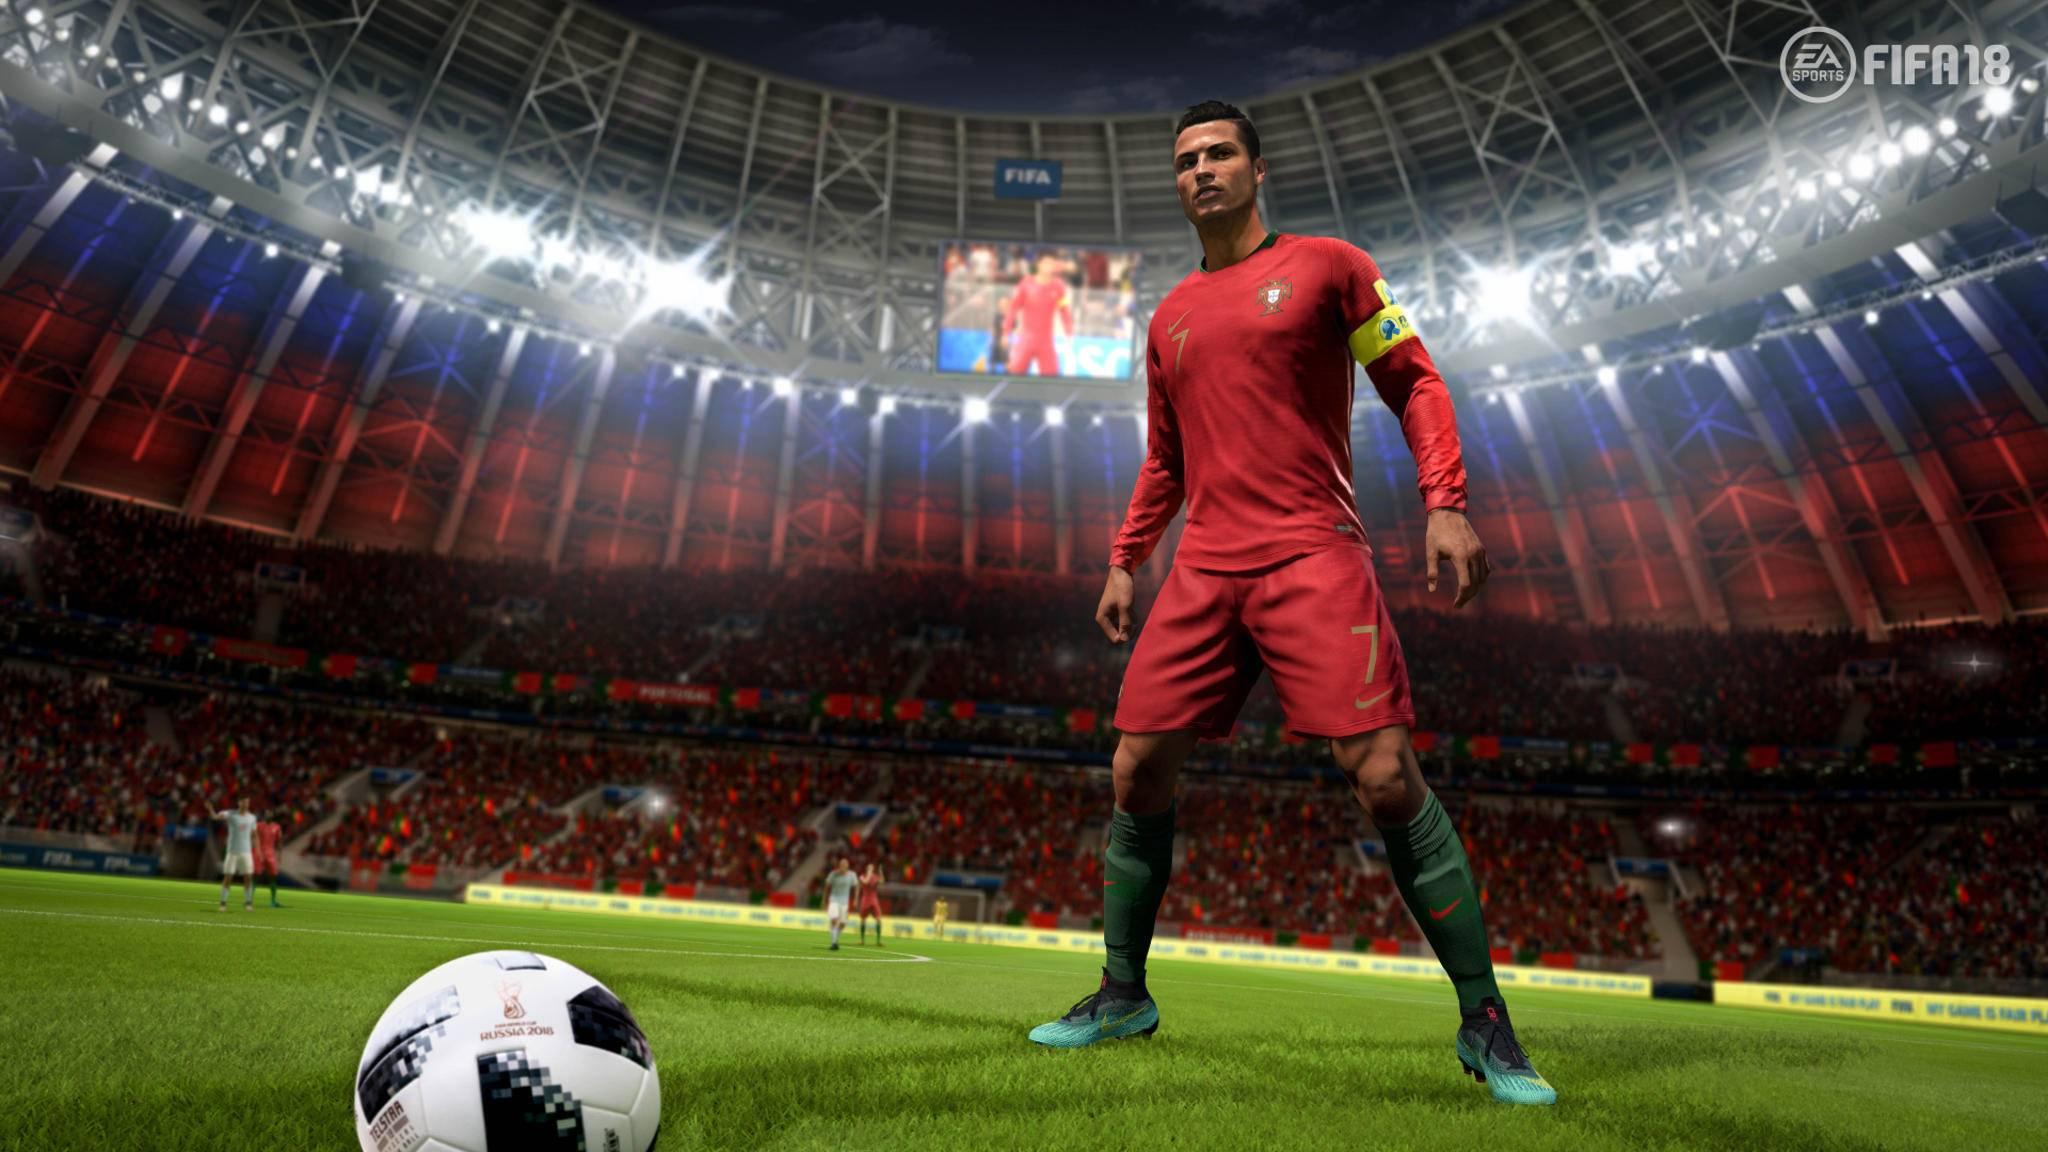 Eins ist sicher: Mit Ronaldo im Trikot der portugiesischen Nationalmannschaft hätte es dieses Problem nicht gegeben.